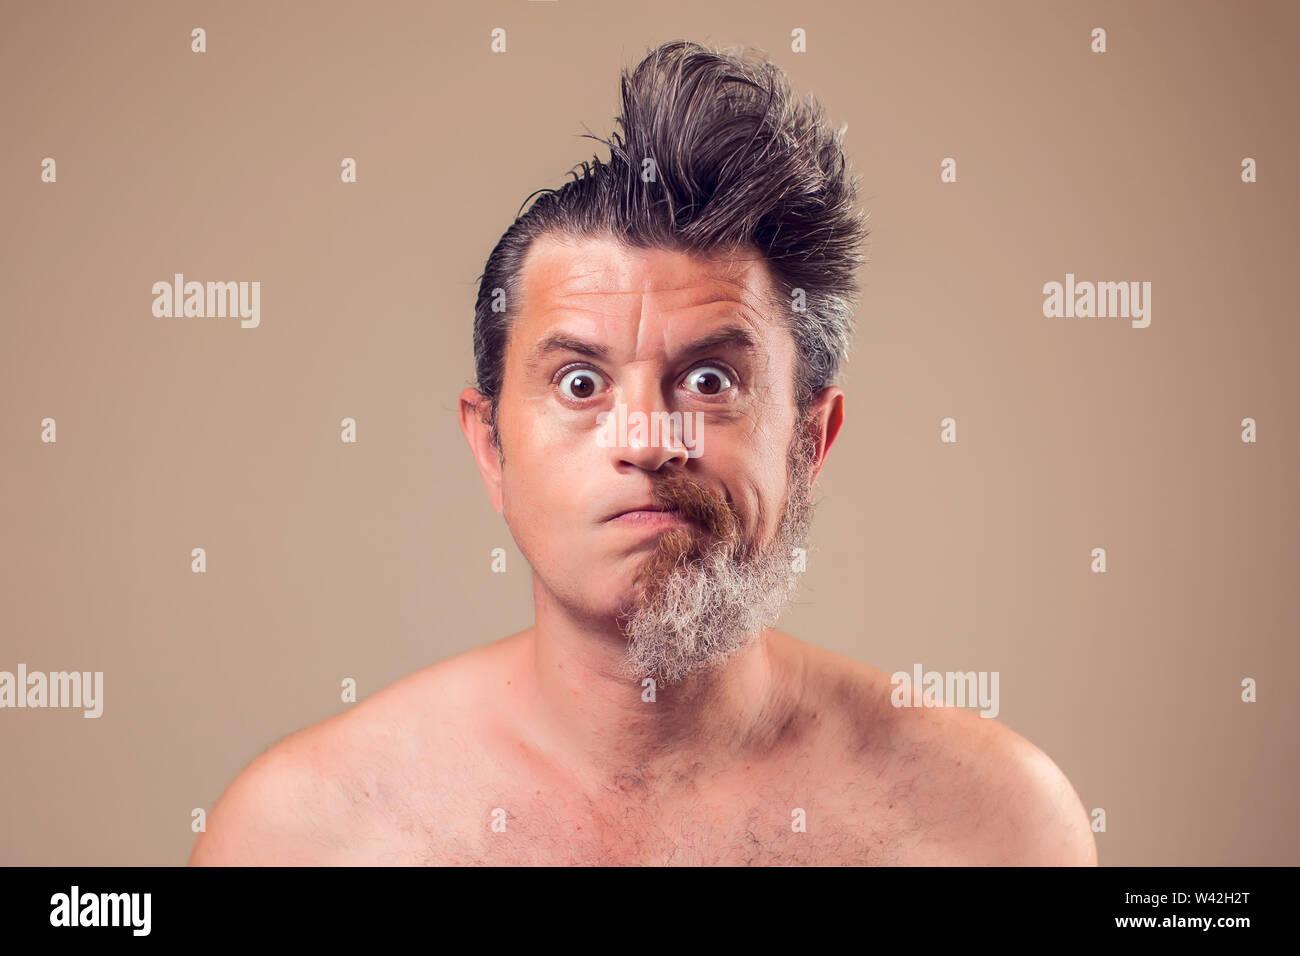 Ein Porträt der Mann mit Bart und Haare auf braunem Hintergrund Stockfoto